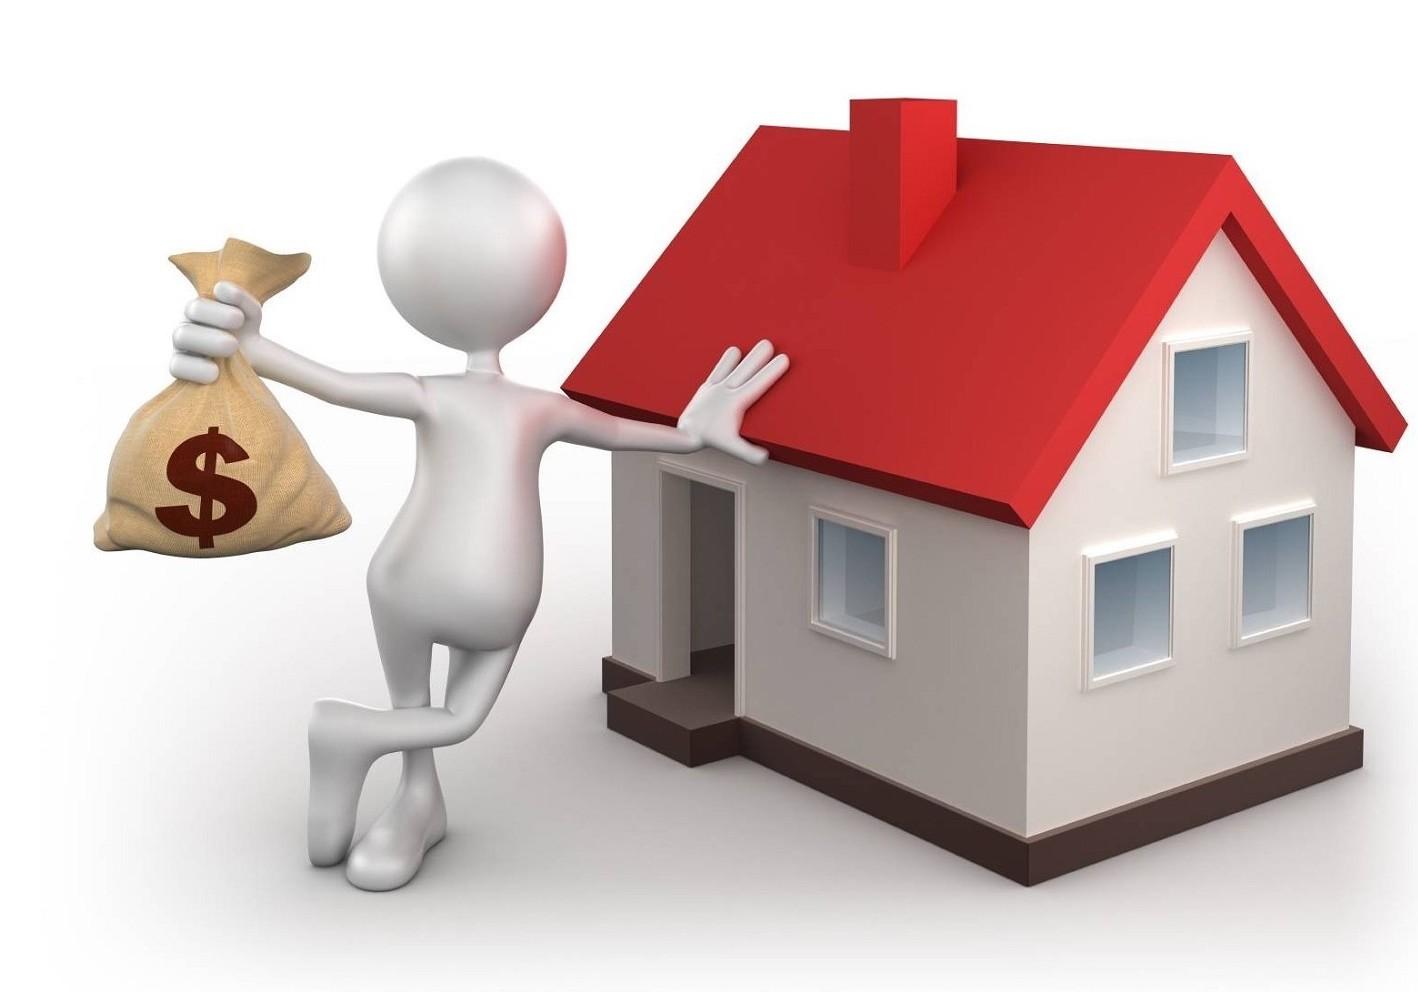 Mutui a tassi fissi Marzo 2019 migliori